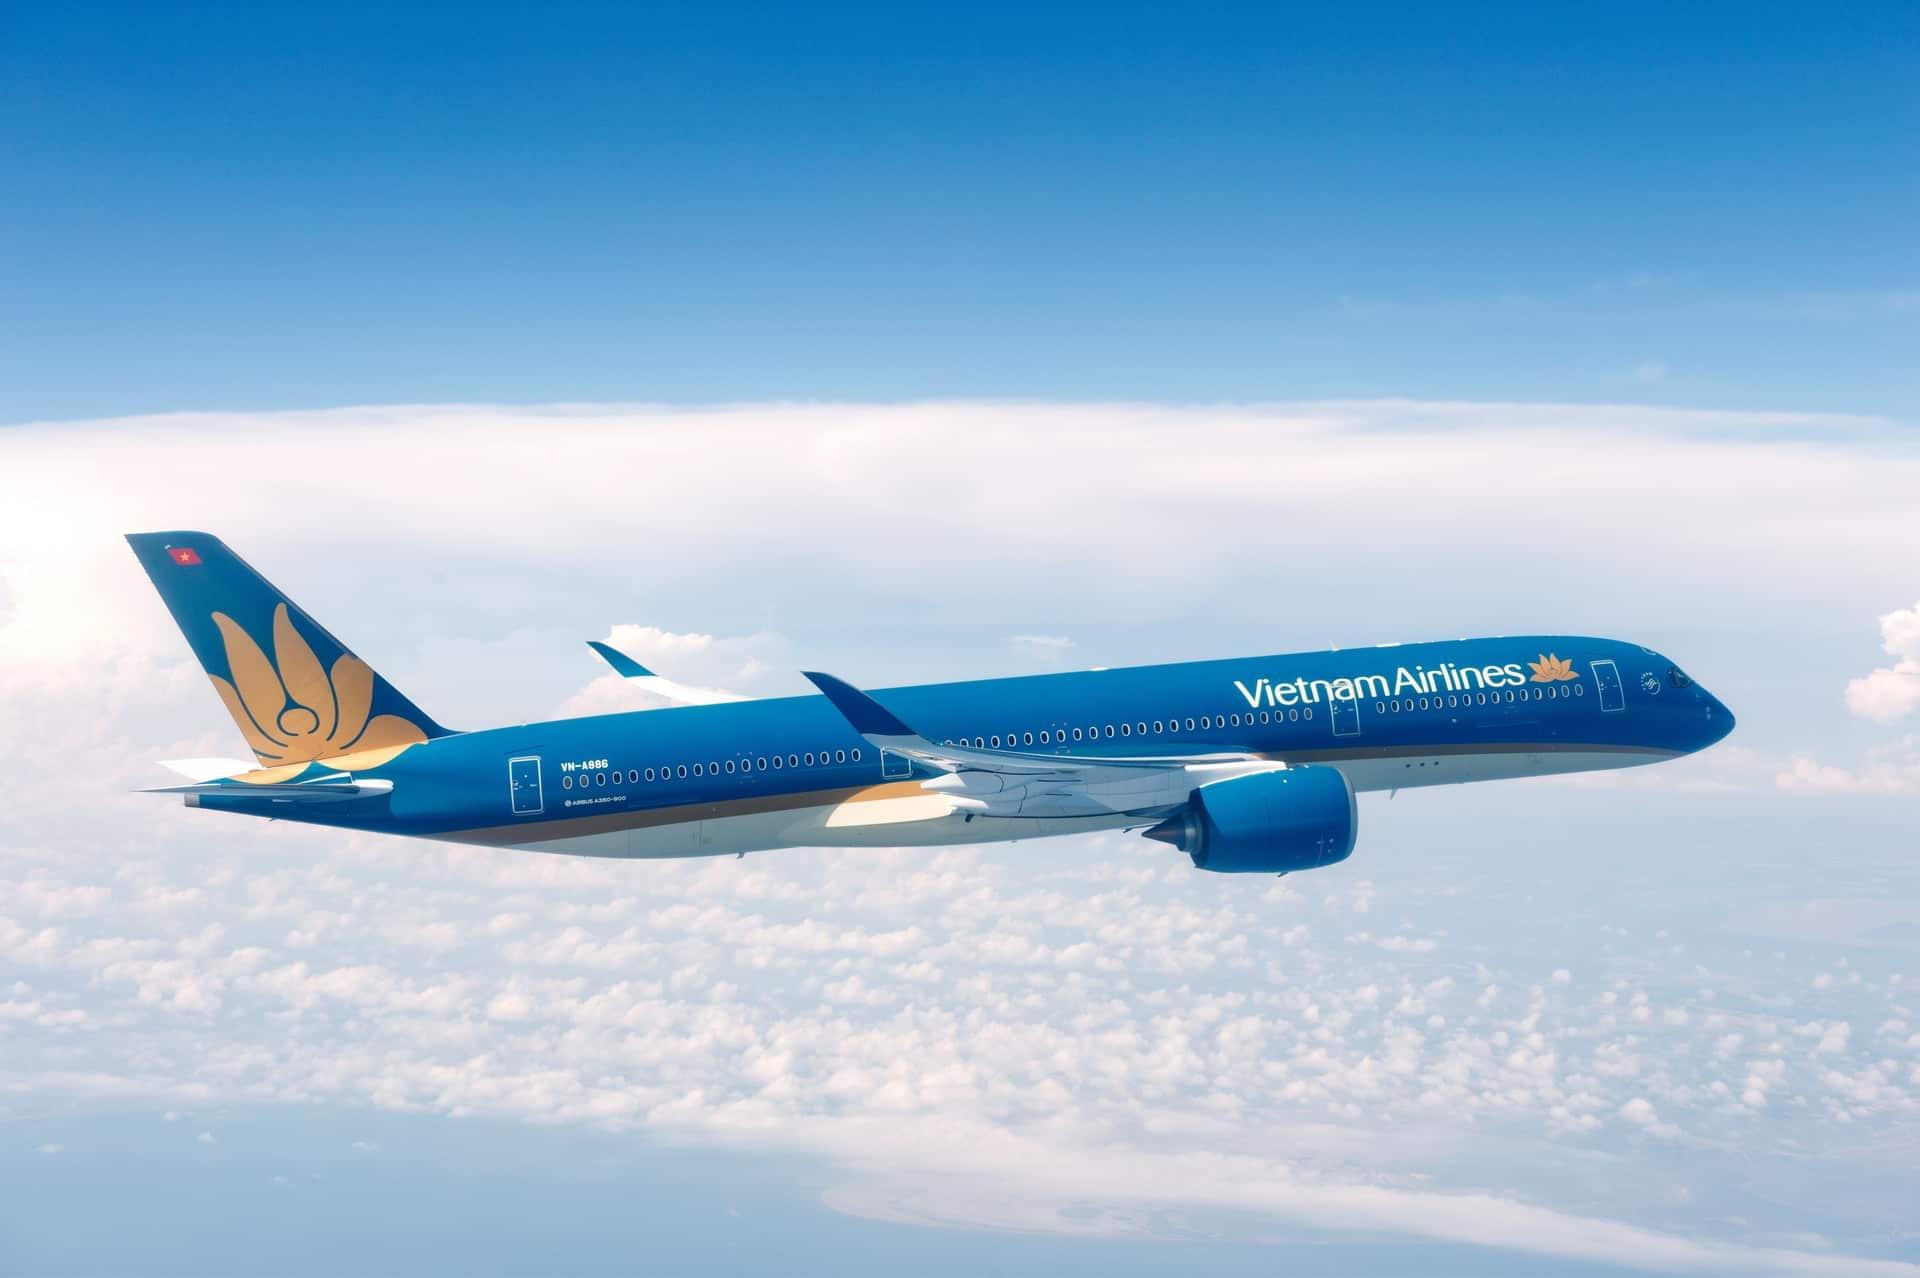 giá vé máy bay Vietnamairline